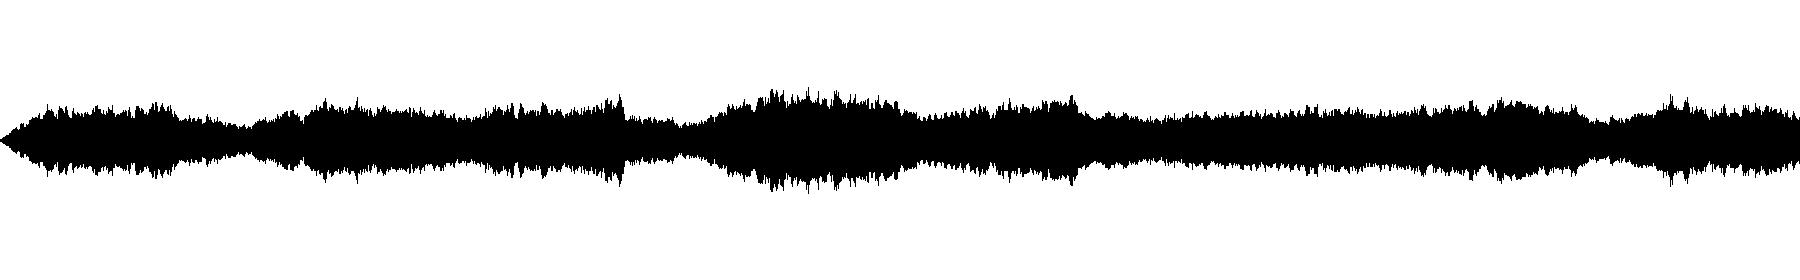 melody 18bpm125keyc